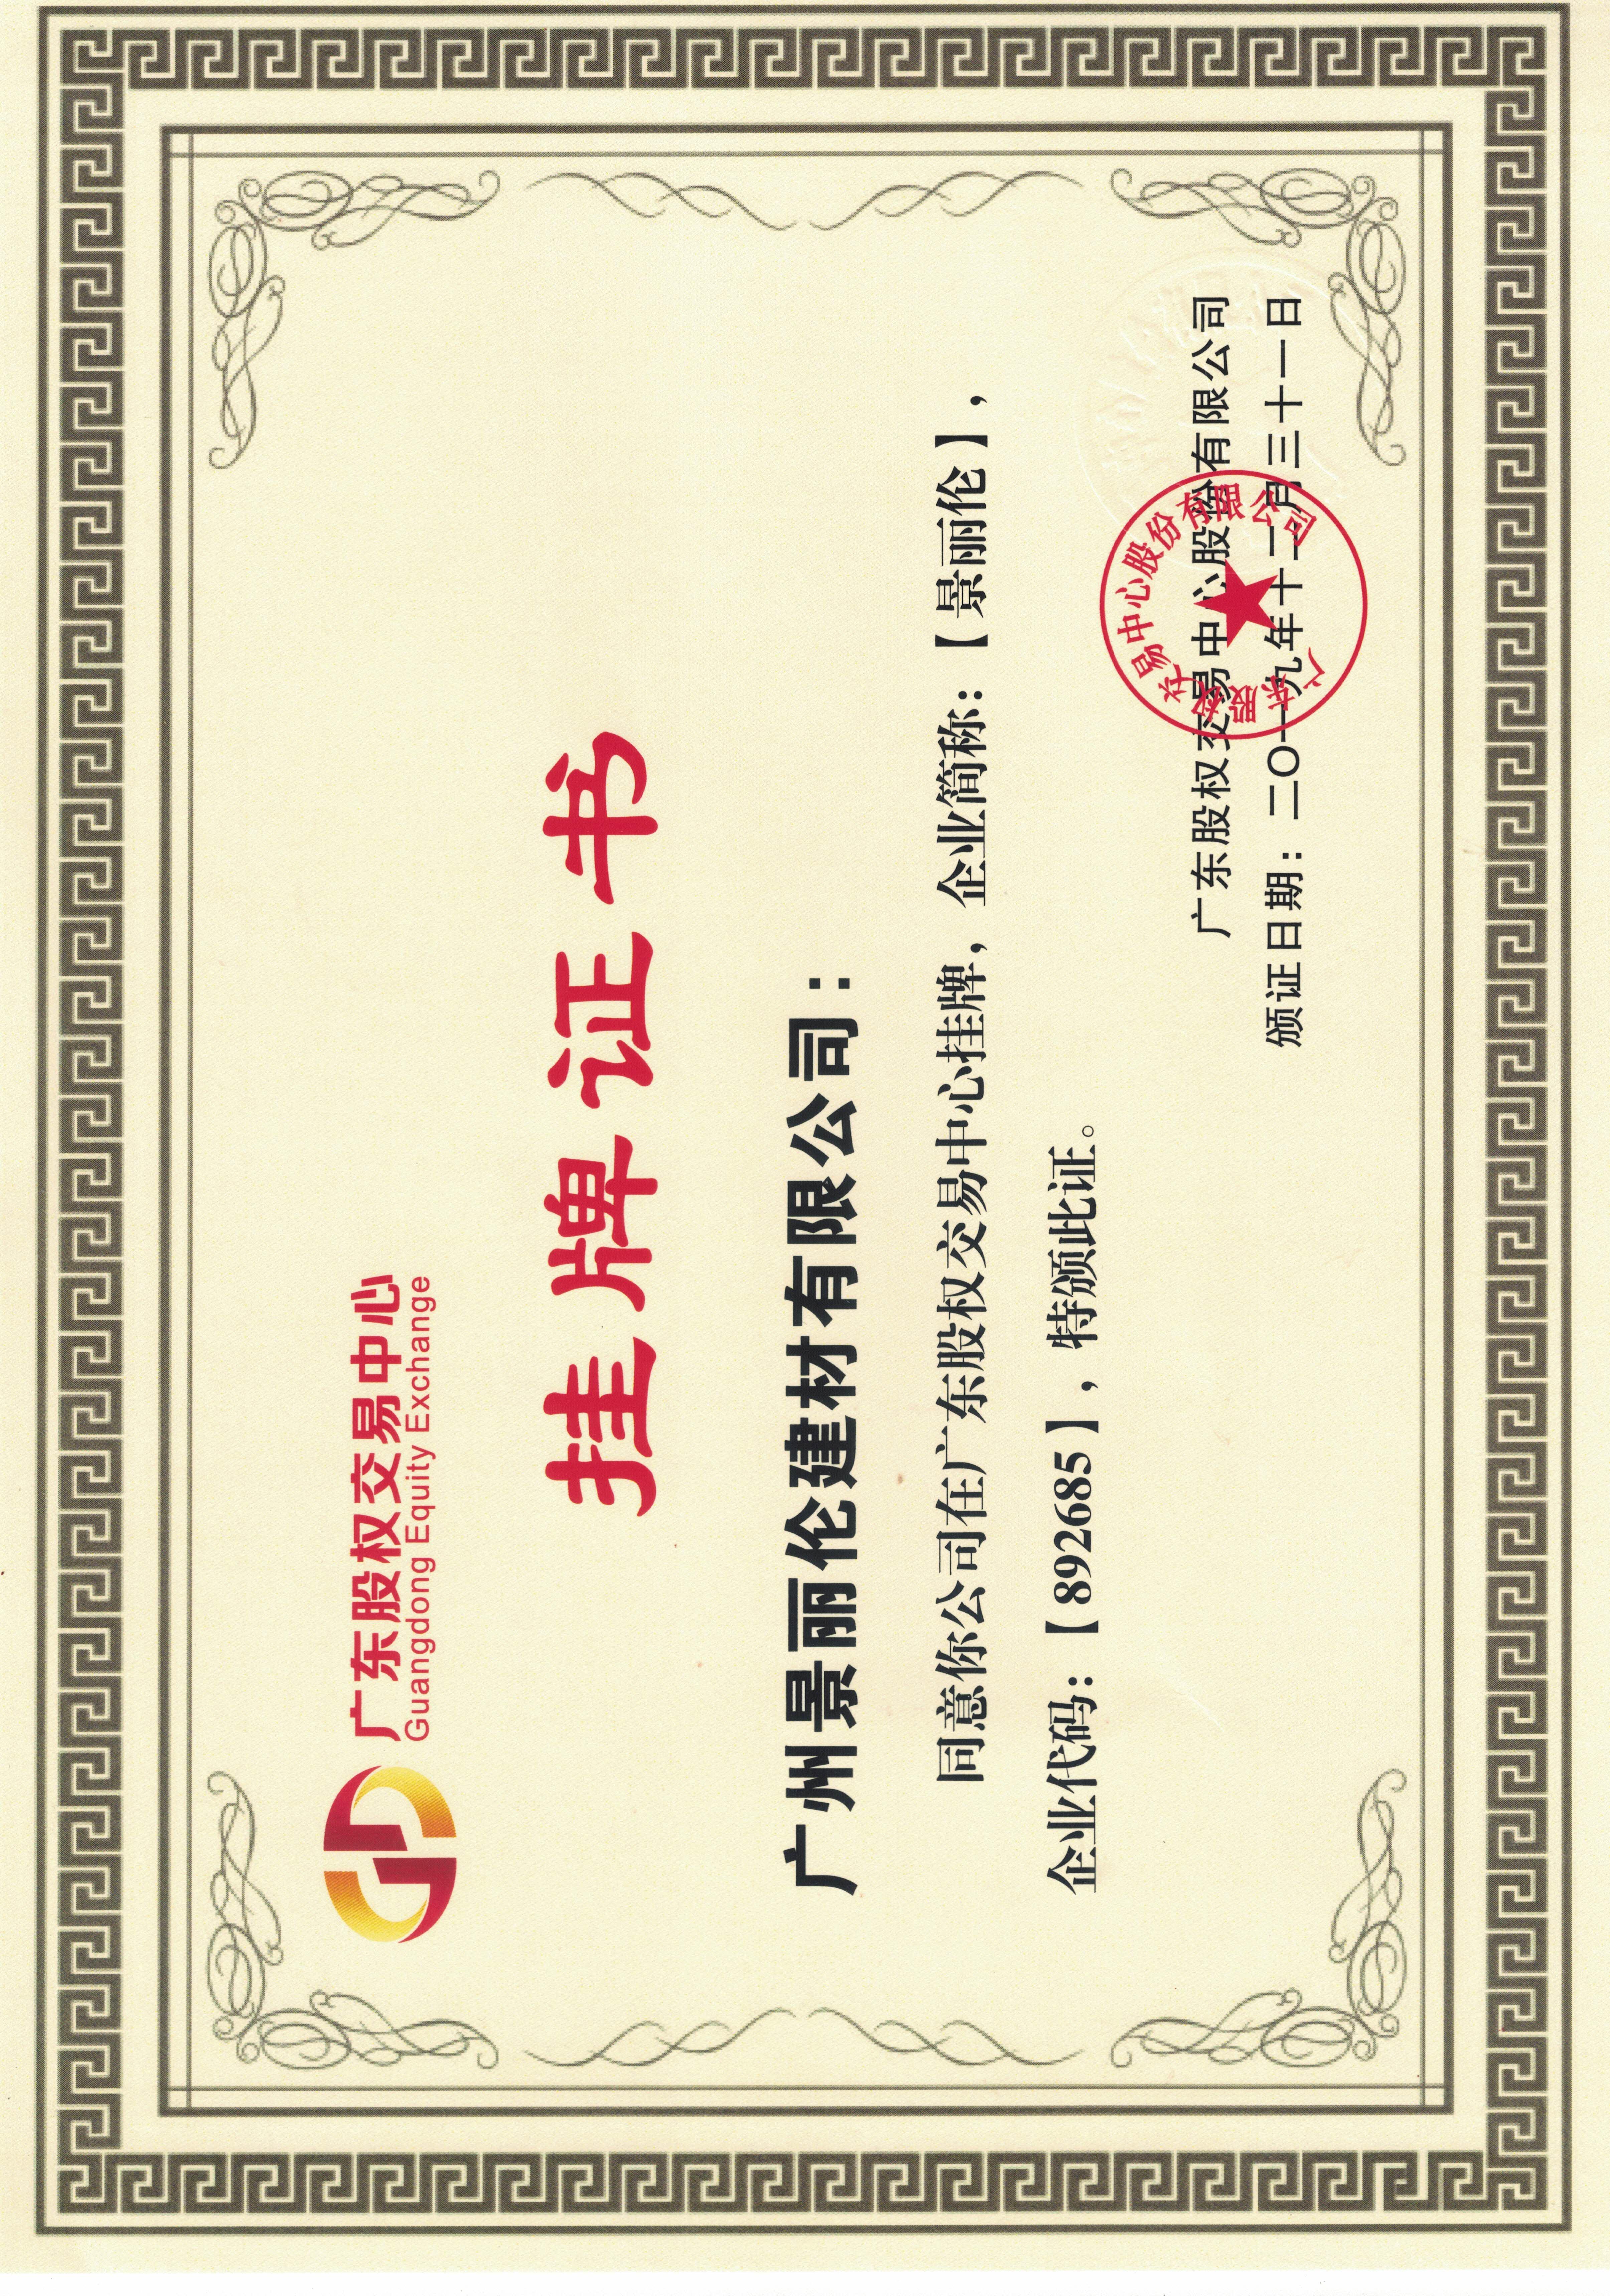 景丽伦挂牌证书